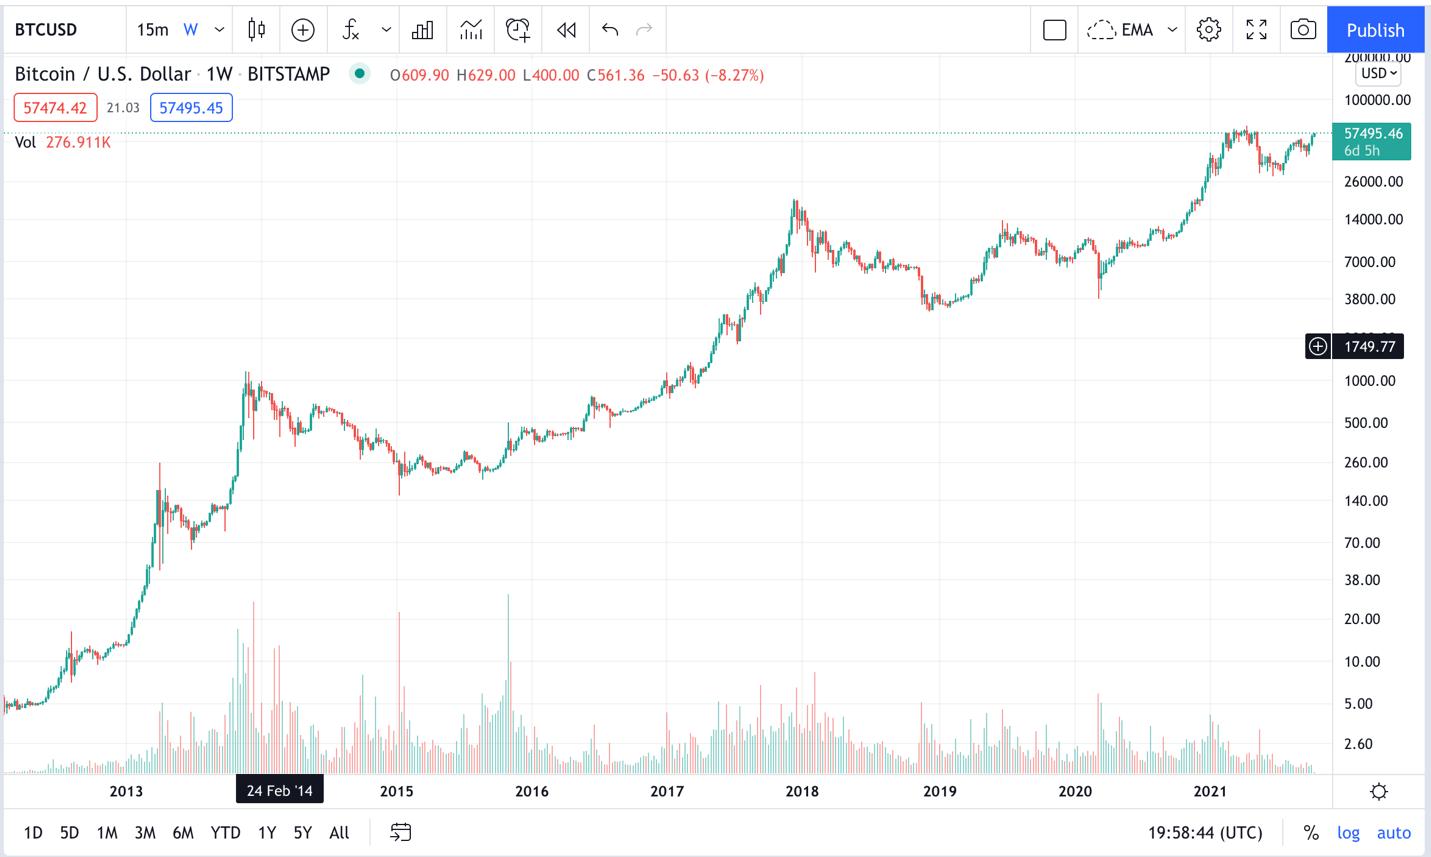 bitcoin price chart 10 years